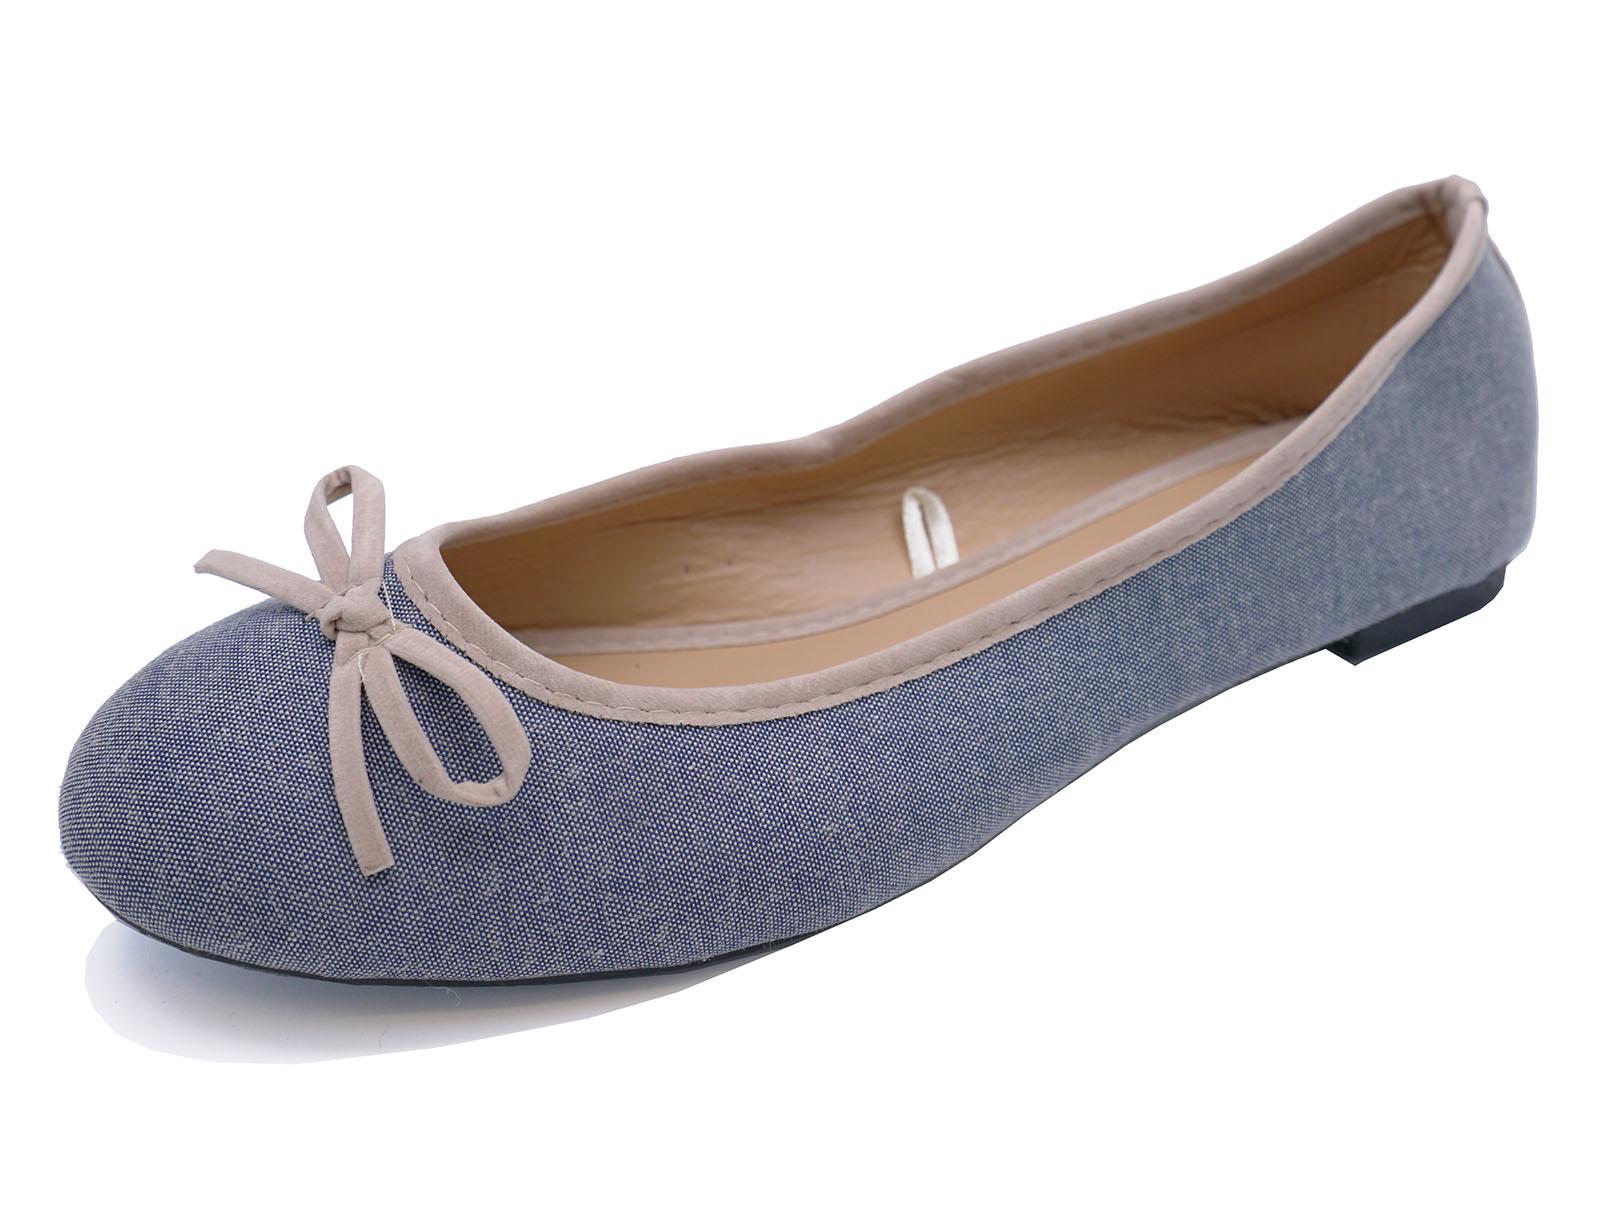 Mujeres Plana Azul Lona Sin Cordones Bombas Cómodos Zapatos informales Dolly Bailarina Uk 3-8